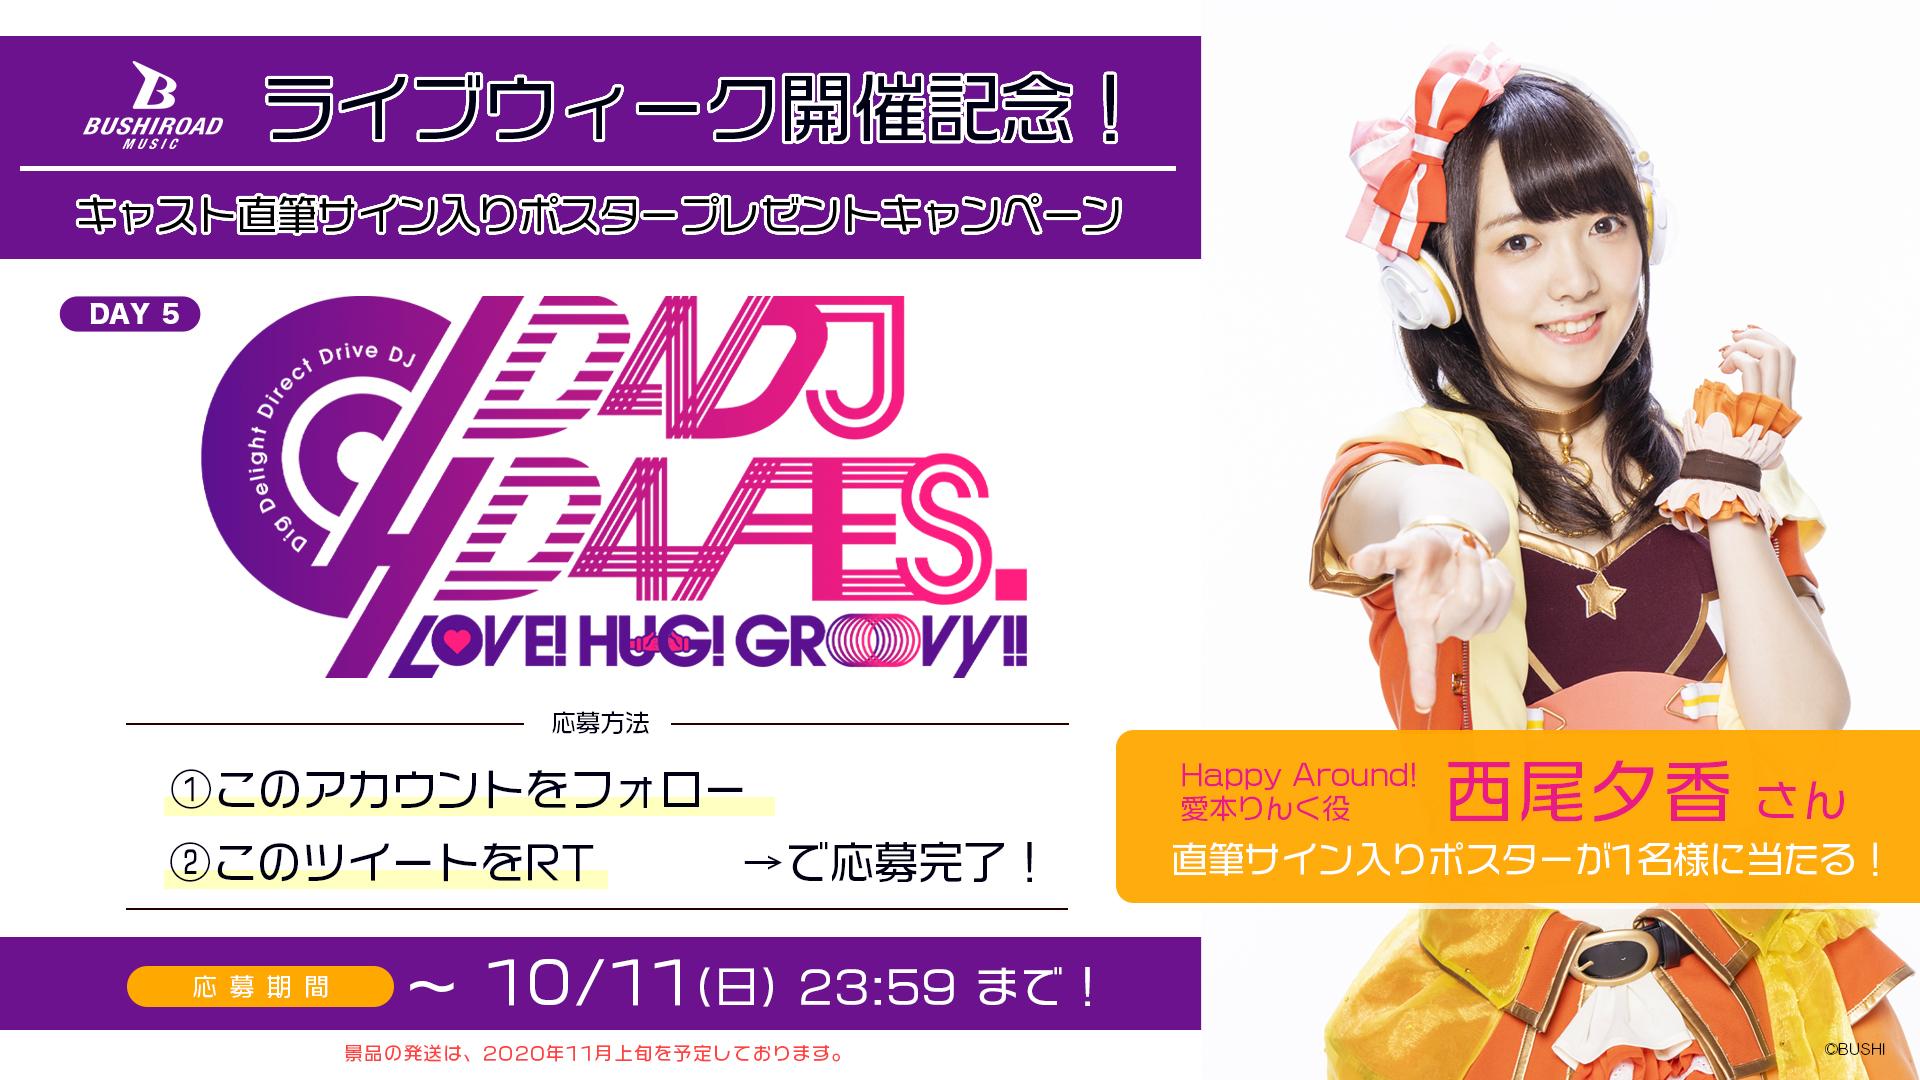 【10/7(水)~11(日)】ライブウィーク開催記念!フォロー&RTキャンペーンを開催!